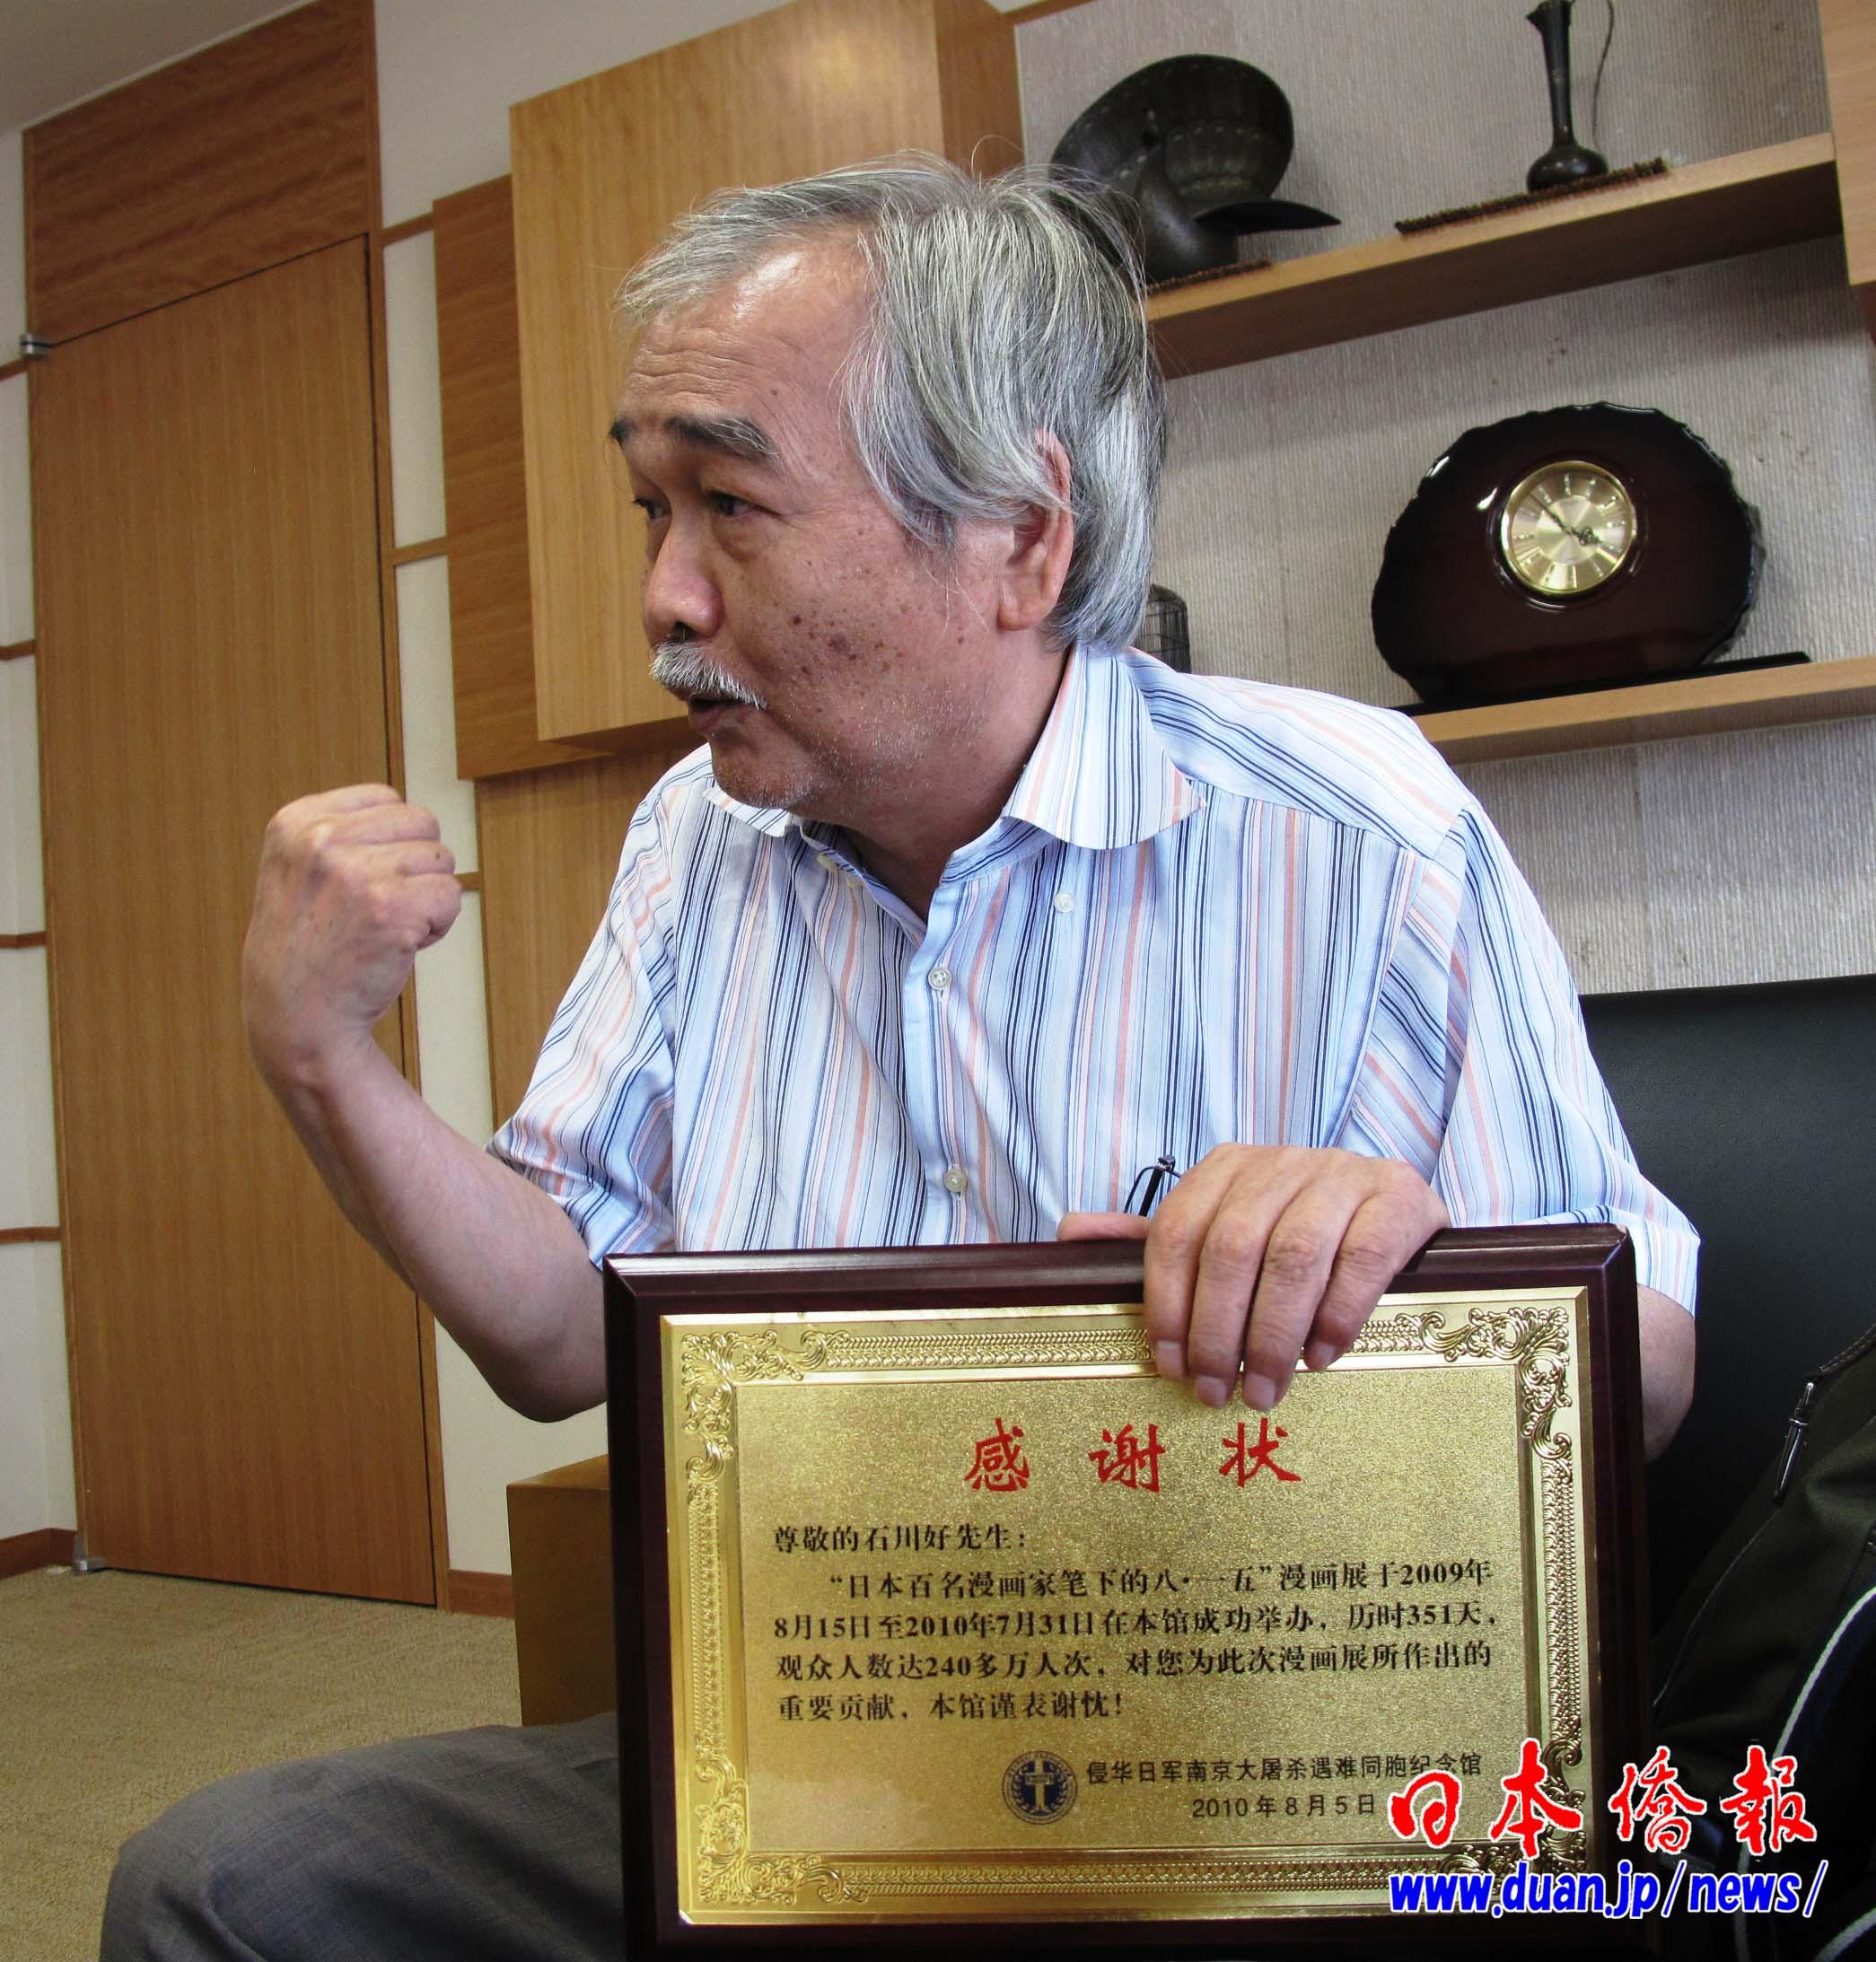 著名日中友好人士获颁南京大屠杀纪念馆感谢状_d0027795_1021326.jpg